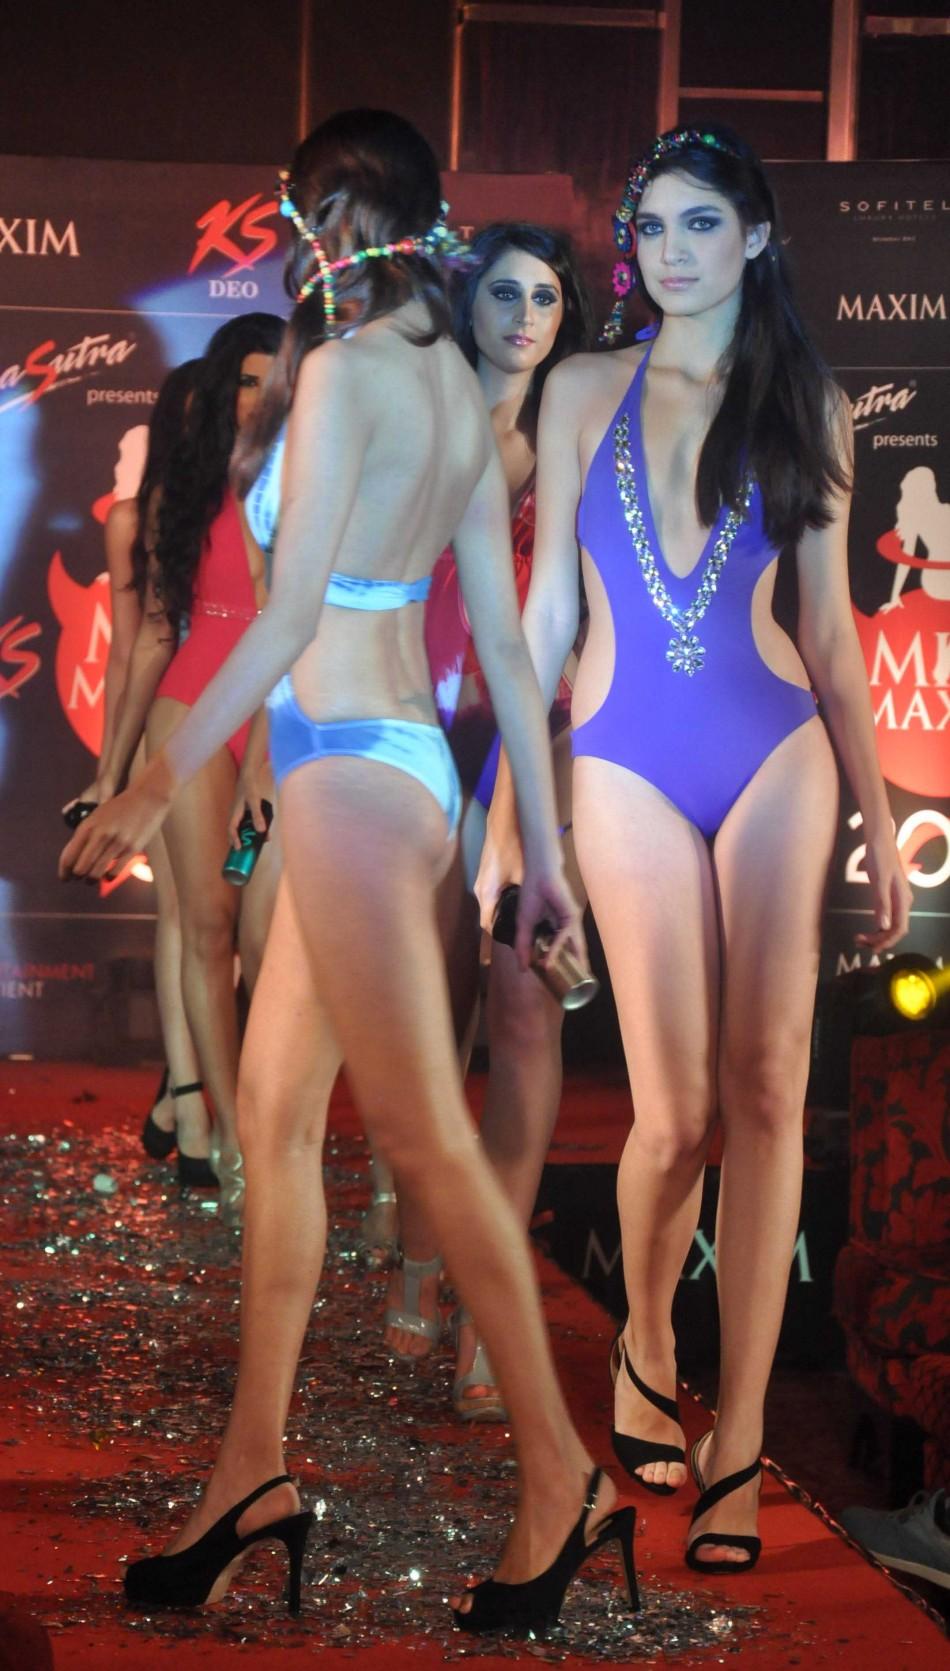 Hot mumbai girls in india call amber 09892814457 - 5 10